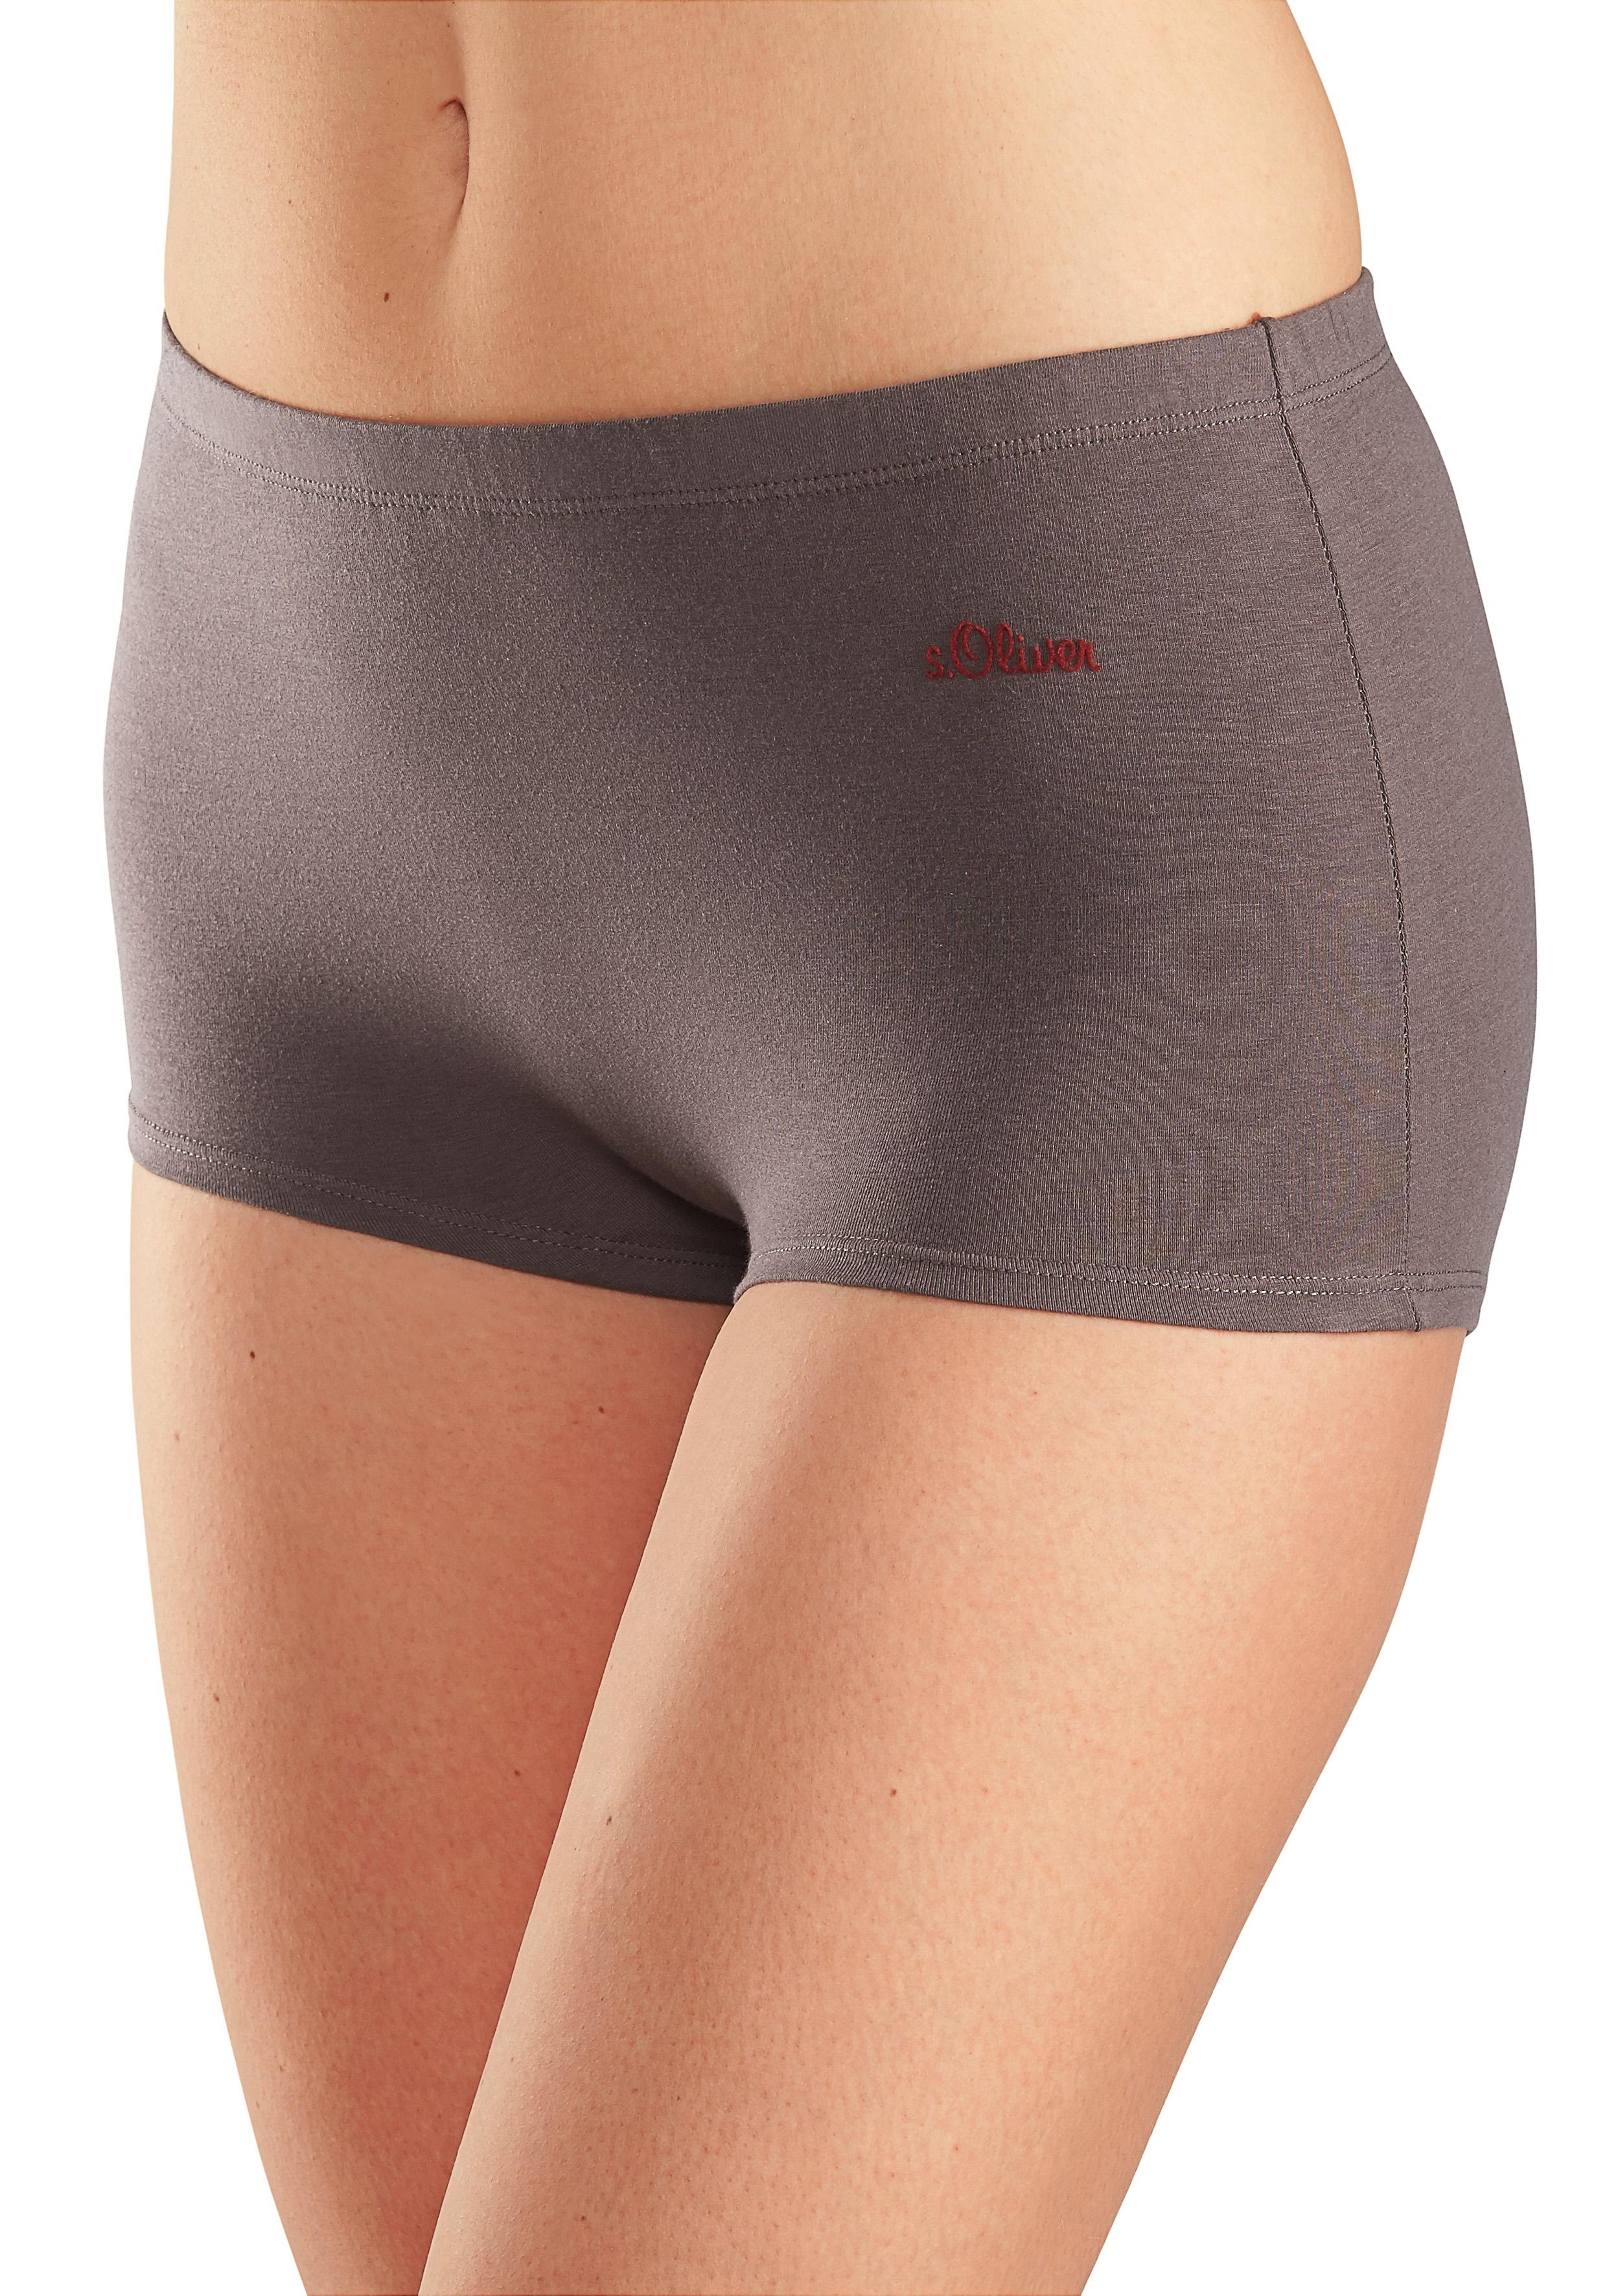 S.oliver Pants, set van 3 voordelig en veilig online kopen